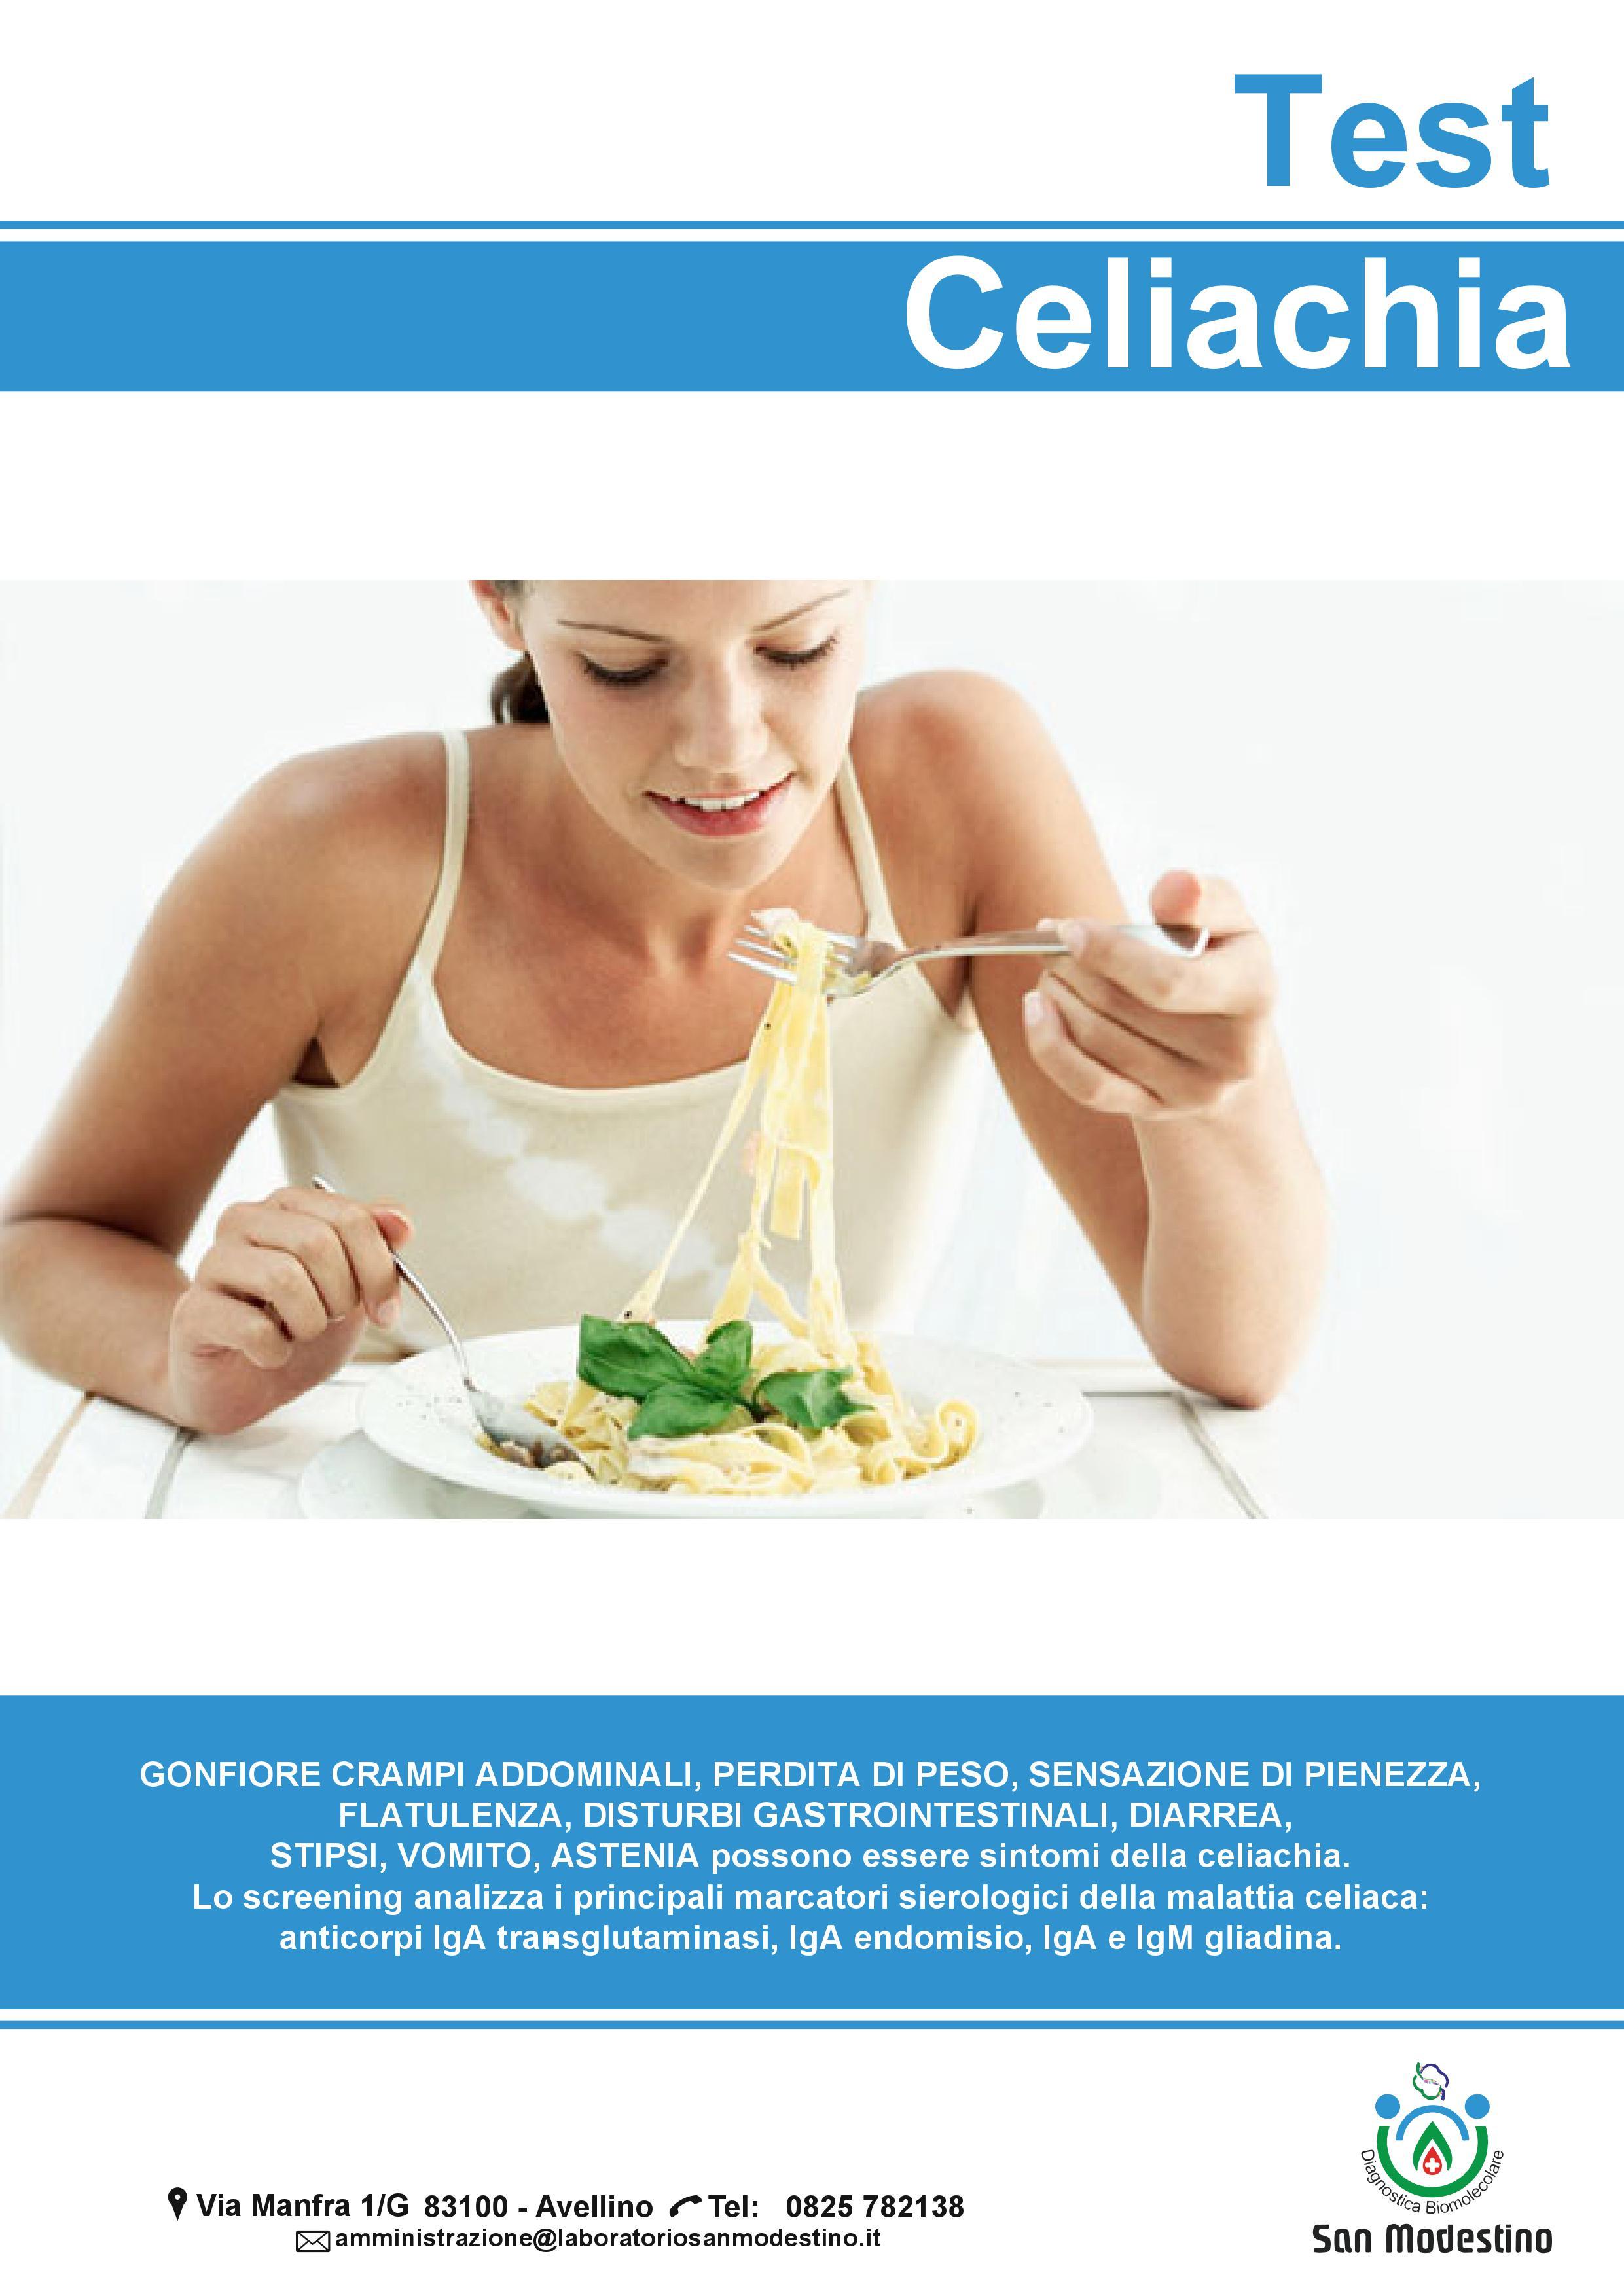 Test Celiachia